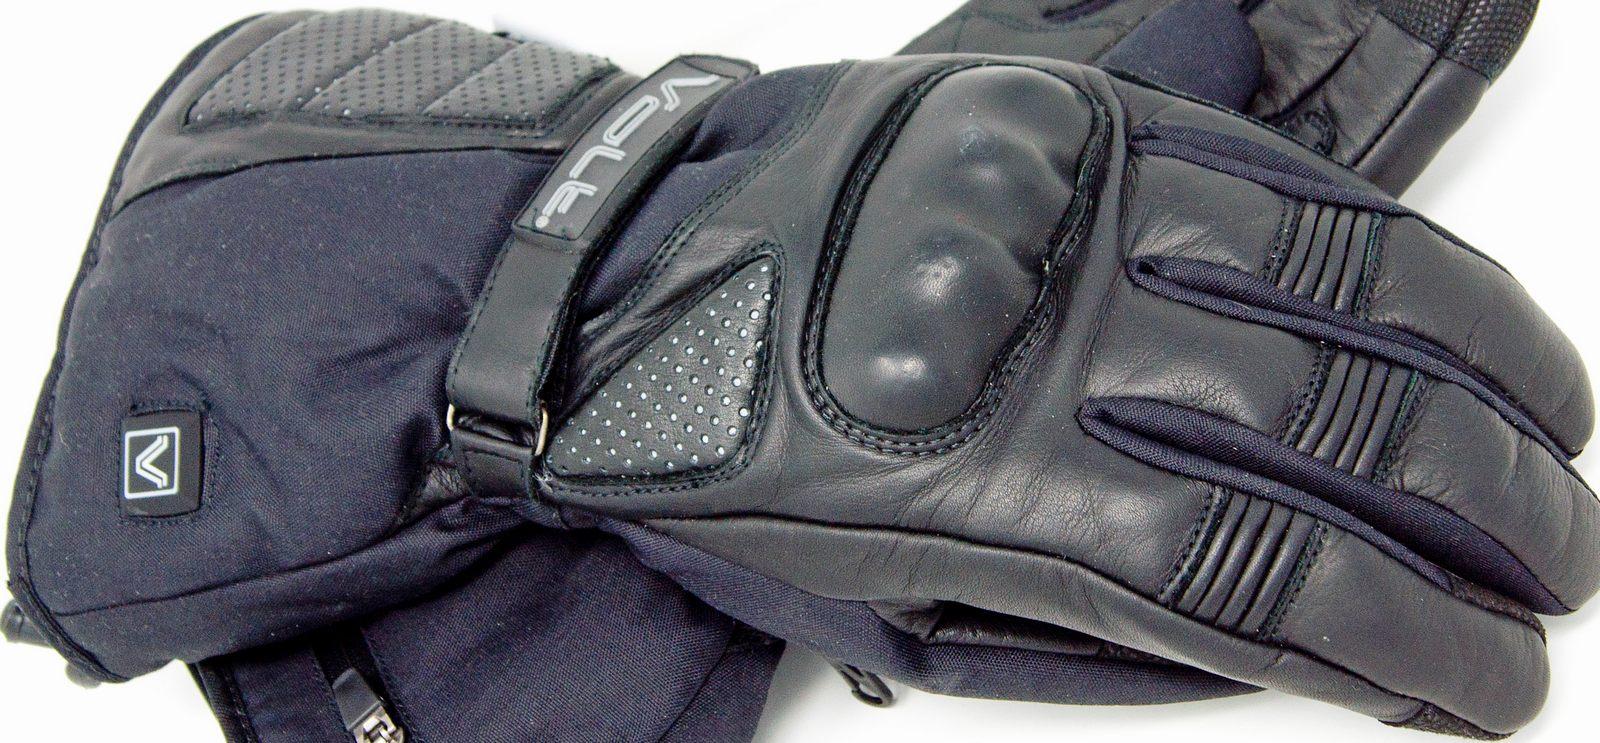 volt heat fusion heated gloves